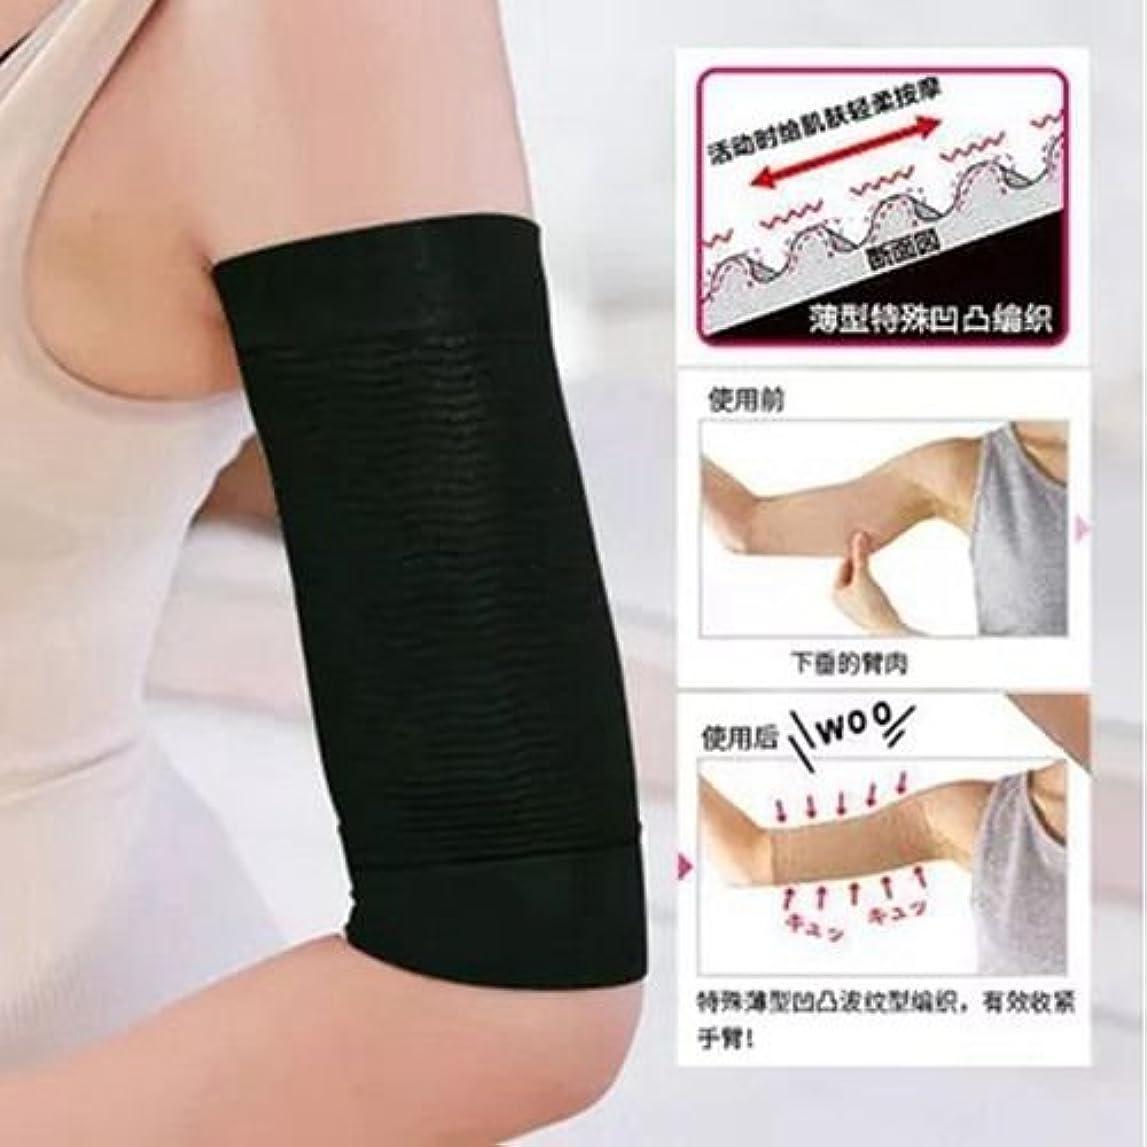 アニメーションブリリアントバーチャルThreeCat ダイエット 腕2枚組 420D マッサージ 脂肪燃焼 バストアップレディース 女性 二の腕シェイパー size 20~30cm (ベージュ)